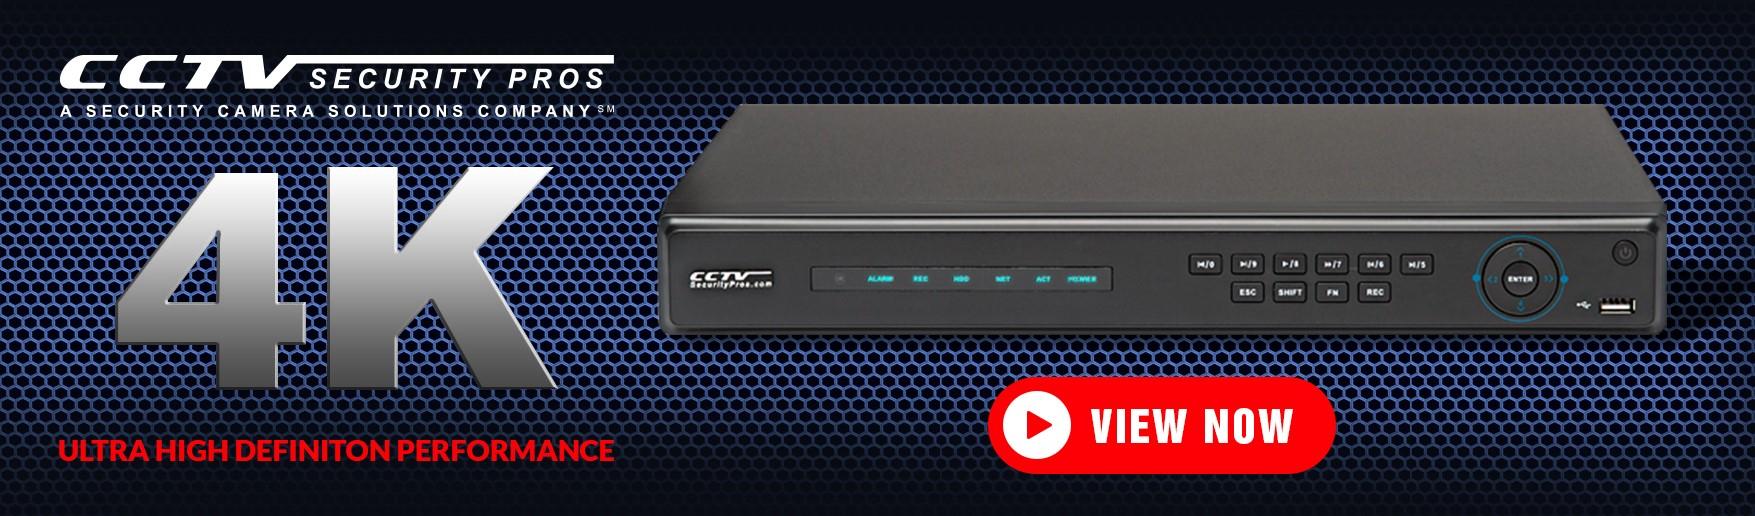 Cctv Security Systems Surveillance Cameras Cctv